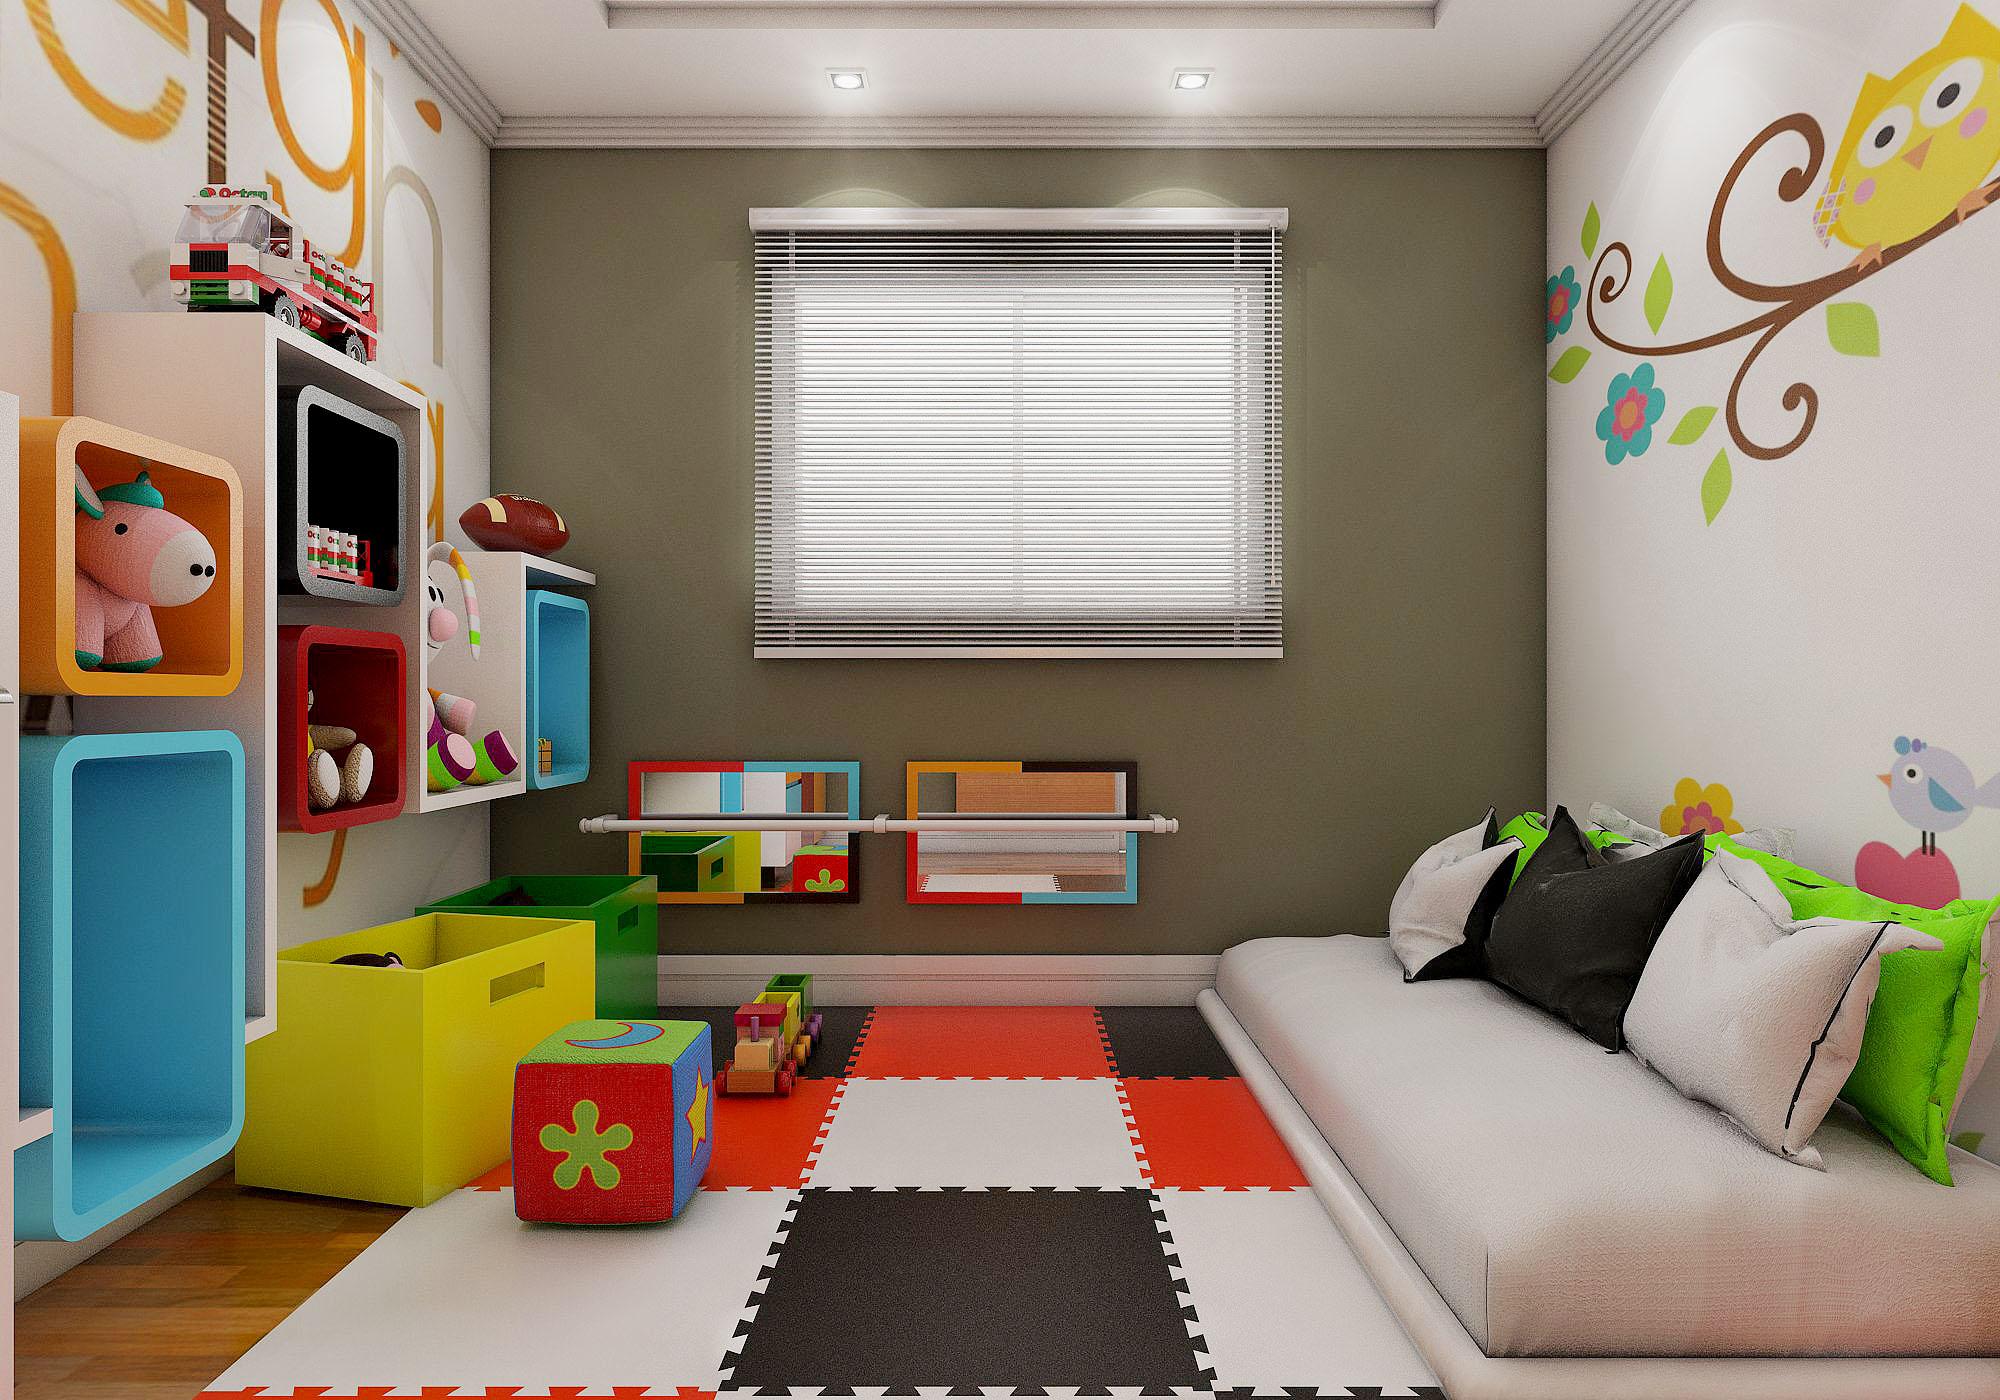 Quarto Montessoriano Veja Aqui Como Montar Em Casa ~ Decoração De Quarto Infantil Com Nichos E Prateleiras